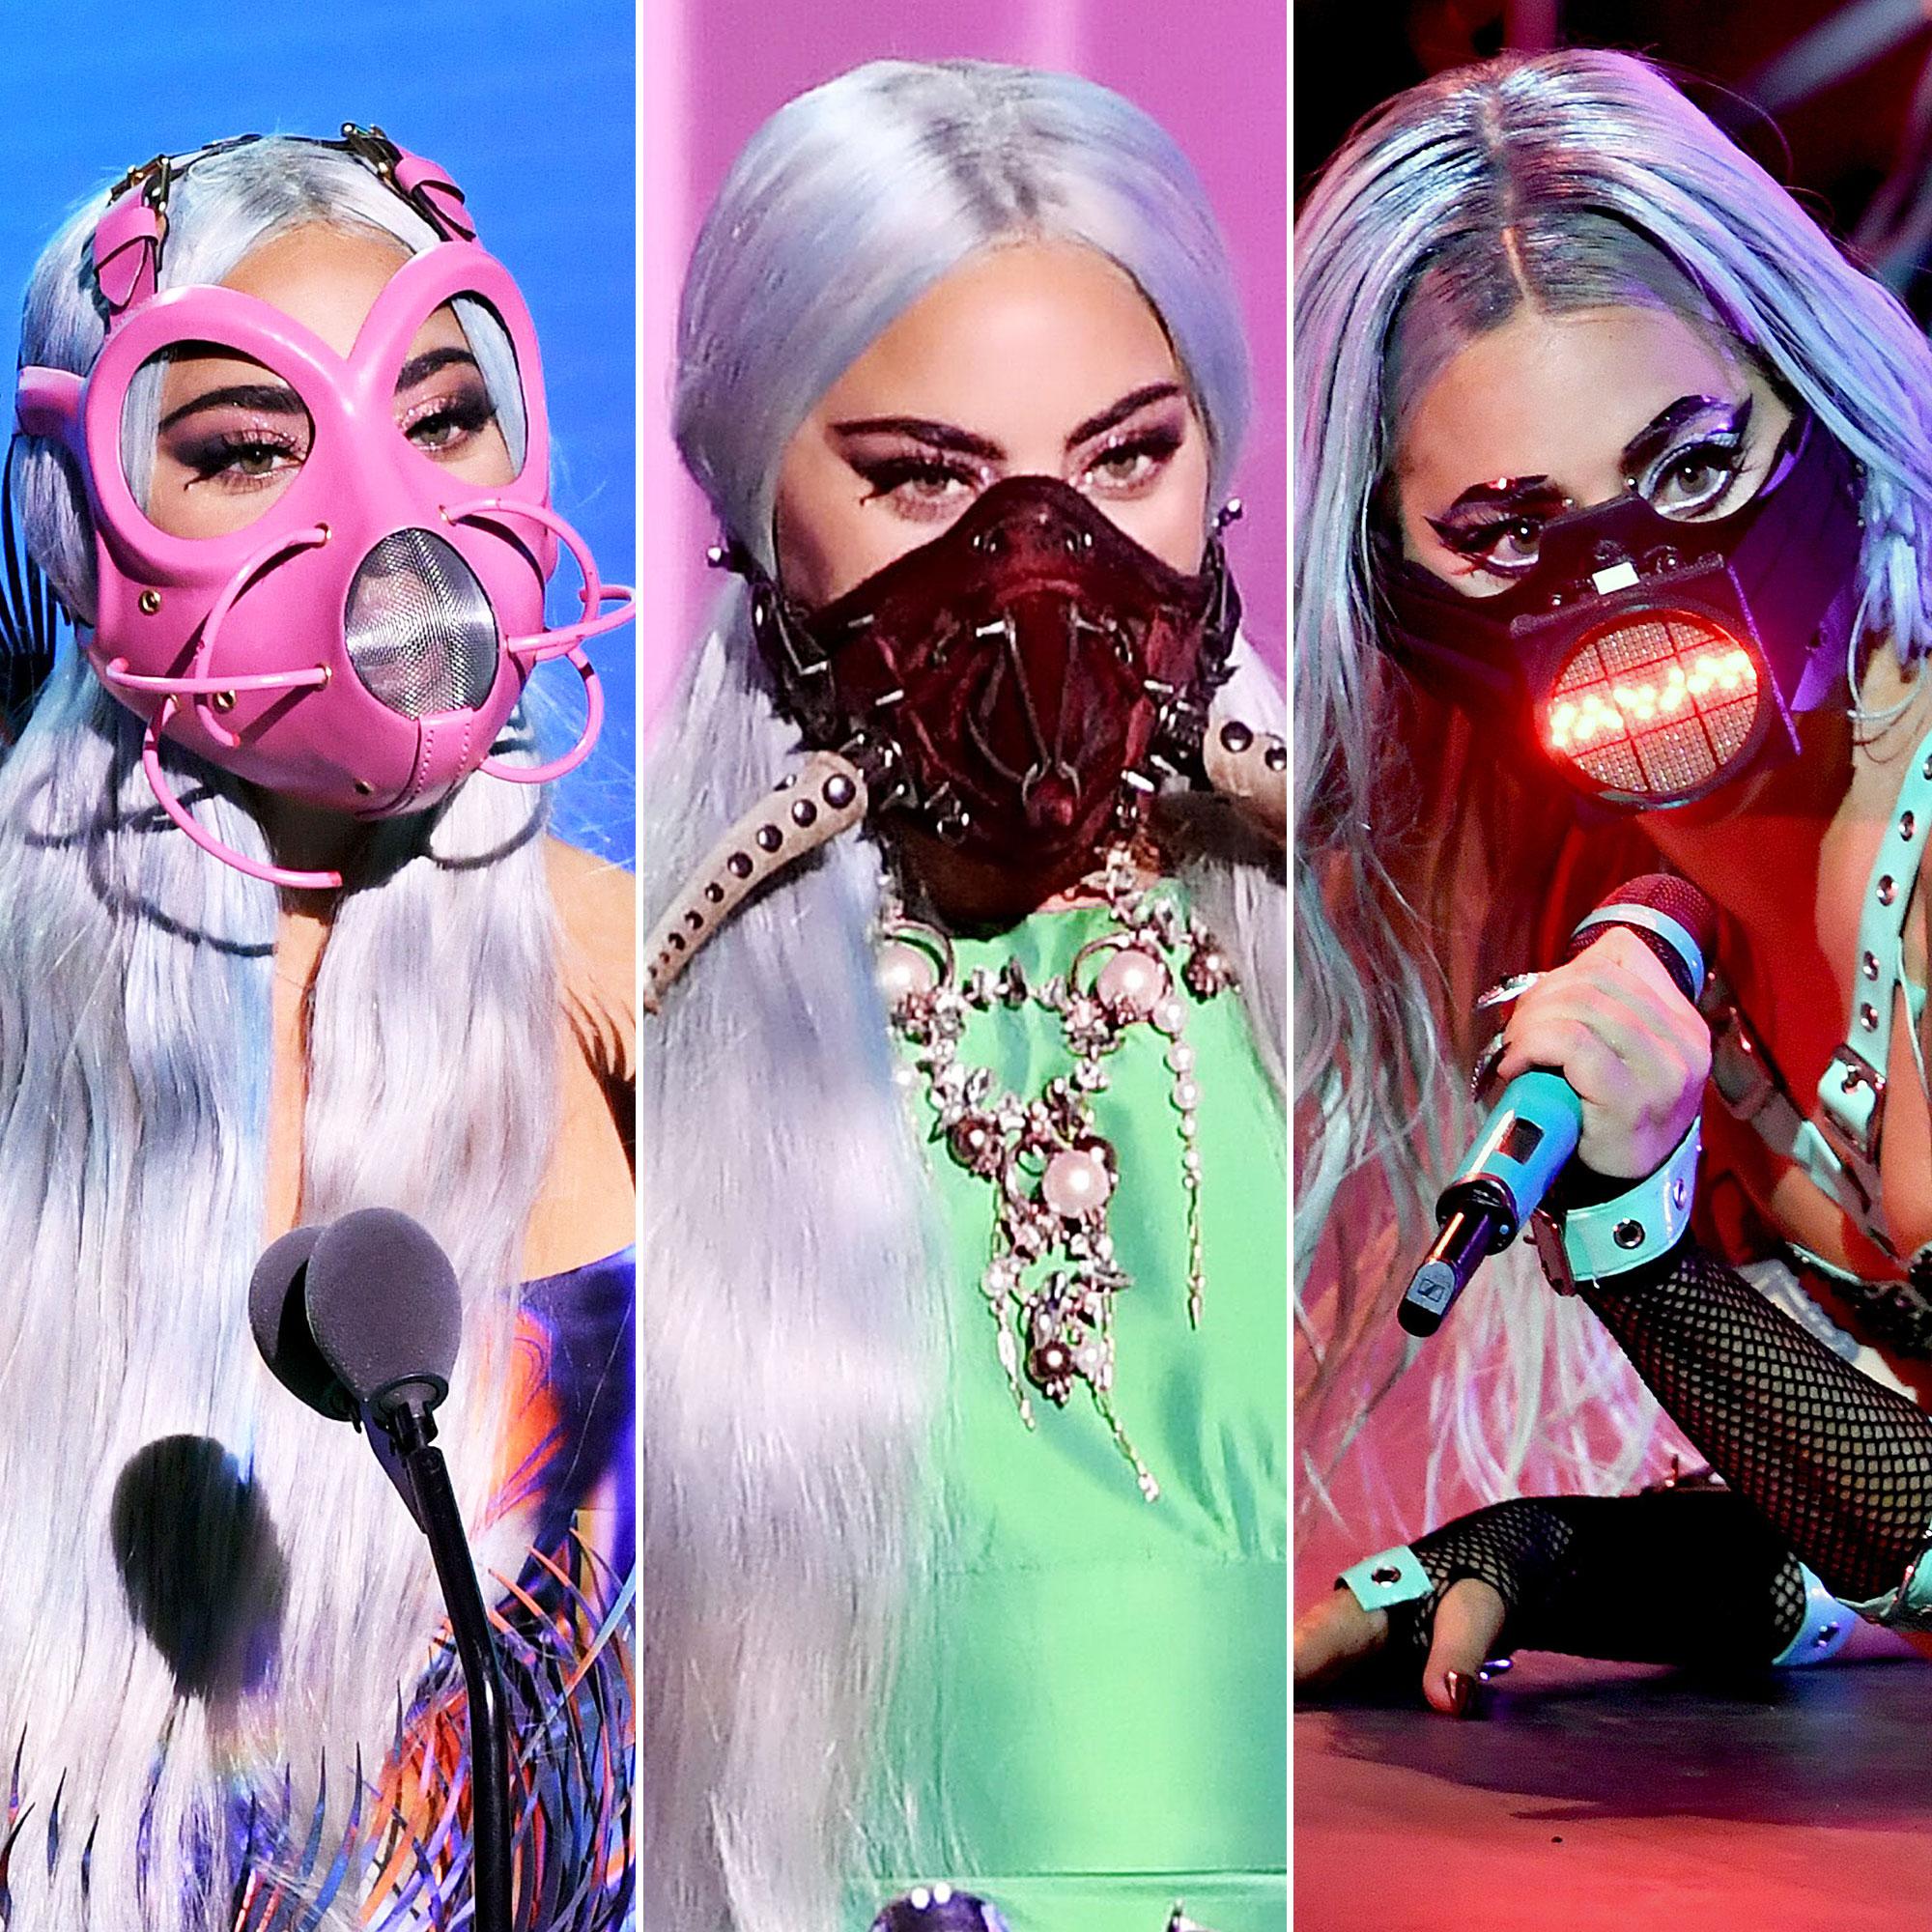 Vmas 2020 Lady Gaga Face Masks Fishbowl Horns More Pics